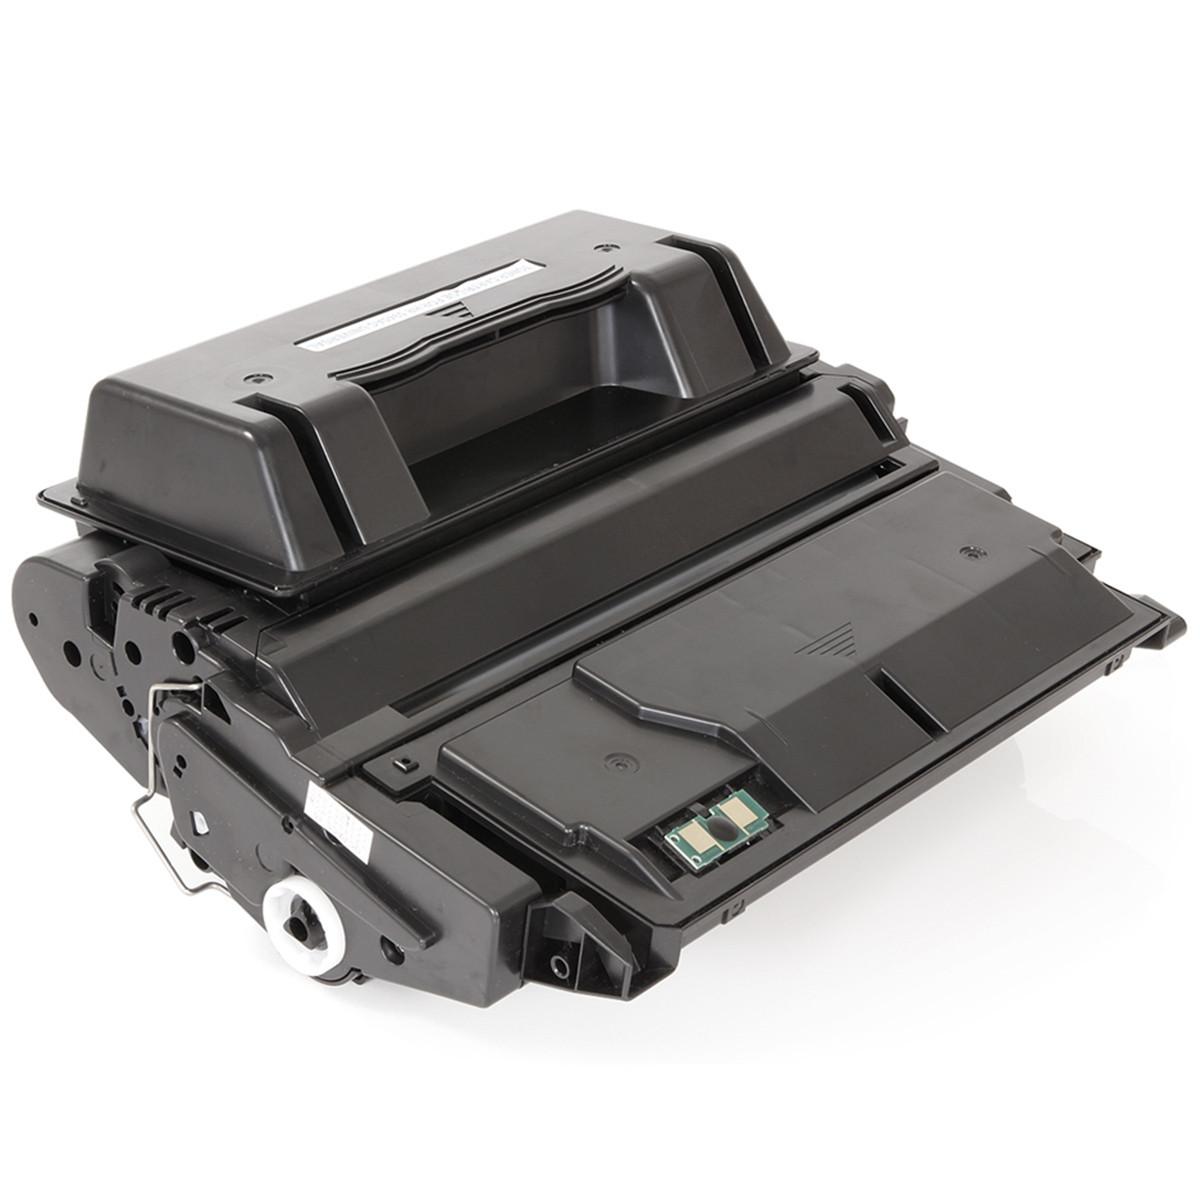 Toner Compatível com HP Q1338A | 4200 4200N 4200TN 4200DTN 4200DTNS 4200DTNSL | Importado 18k